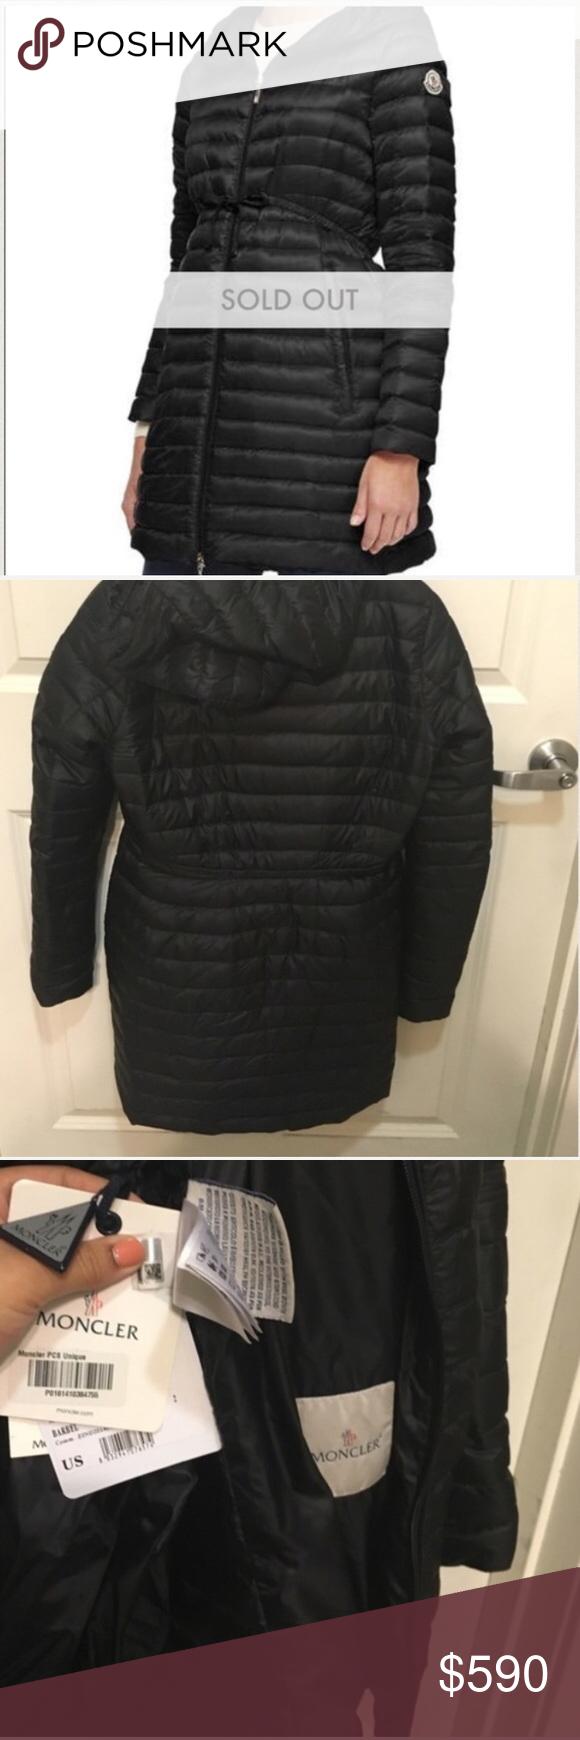 Moncler barbel Moncler, Moncler jacket, Down jacket